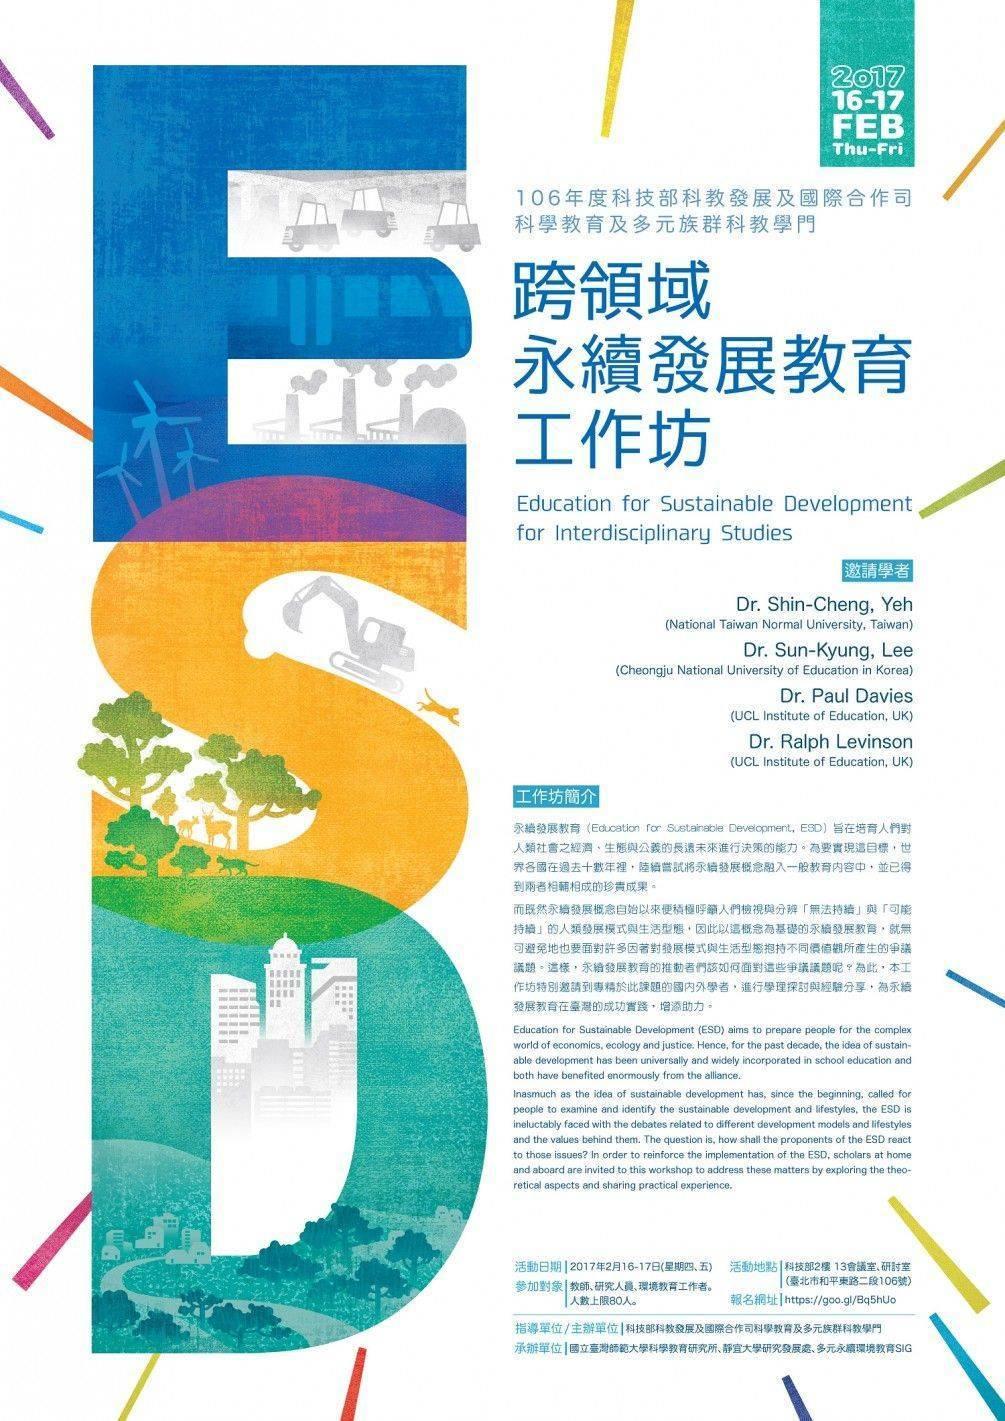 跨領域永續發展教育工作坊